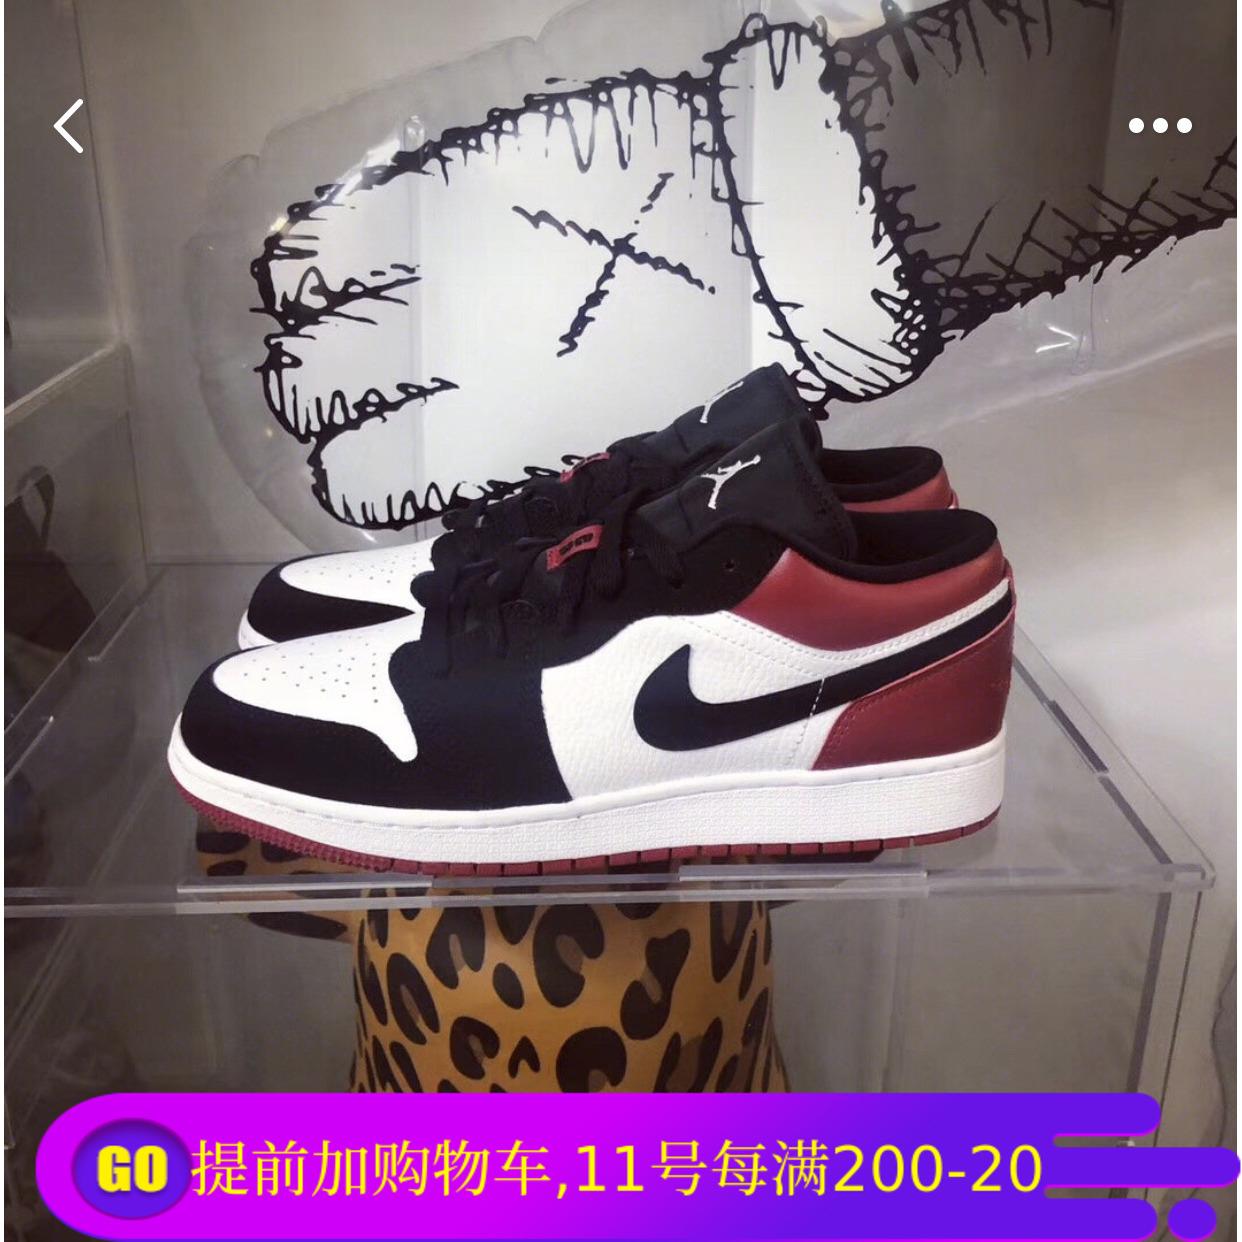 Air Jordan 1 Low AJ1低帮黑红黑脚趾黑黄 黑椒汁 553558-116-127